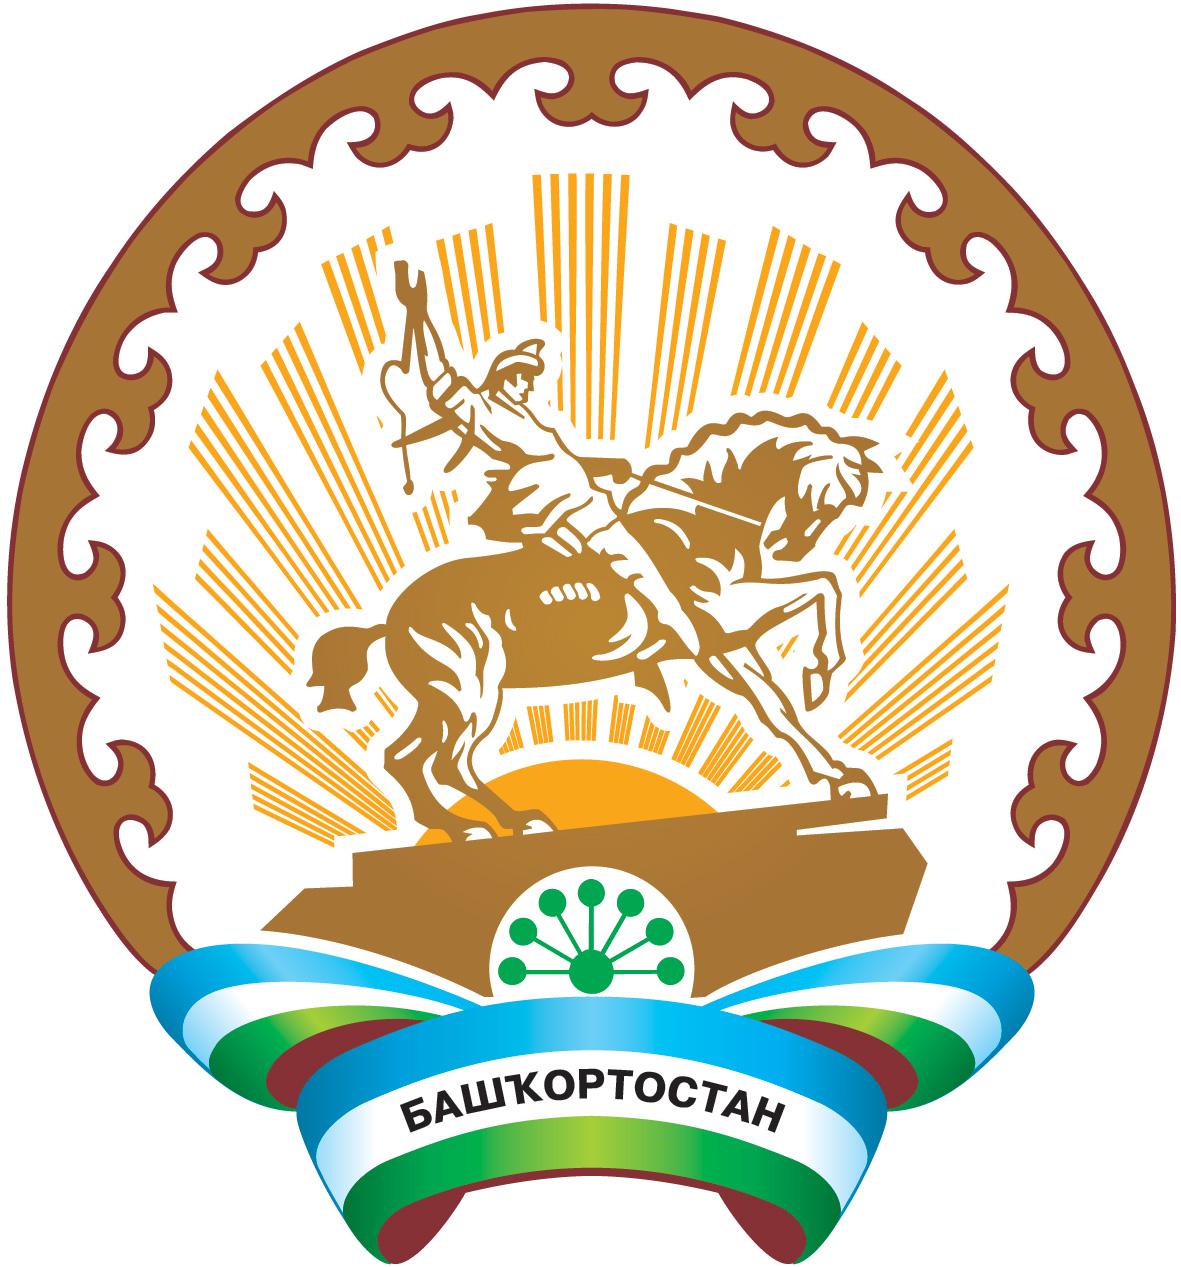 повышение квалификации государственных гражданских служащих Управления делами Главы РБ УГАТУ, кафедра экономики предпринимательства